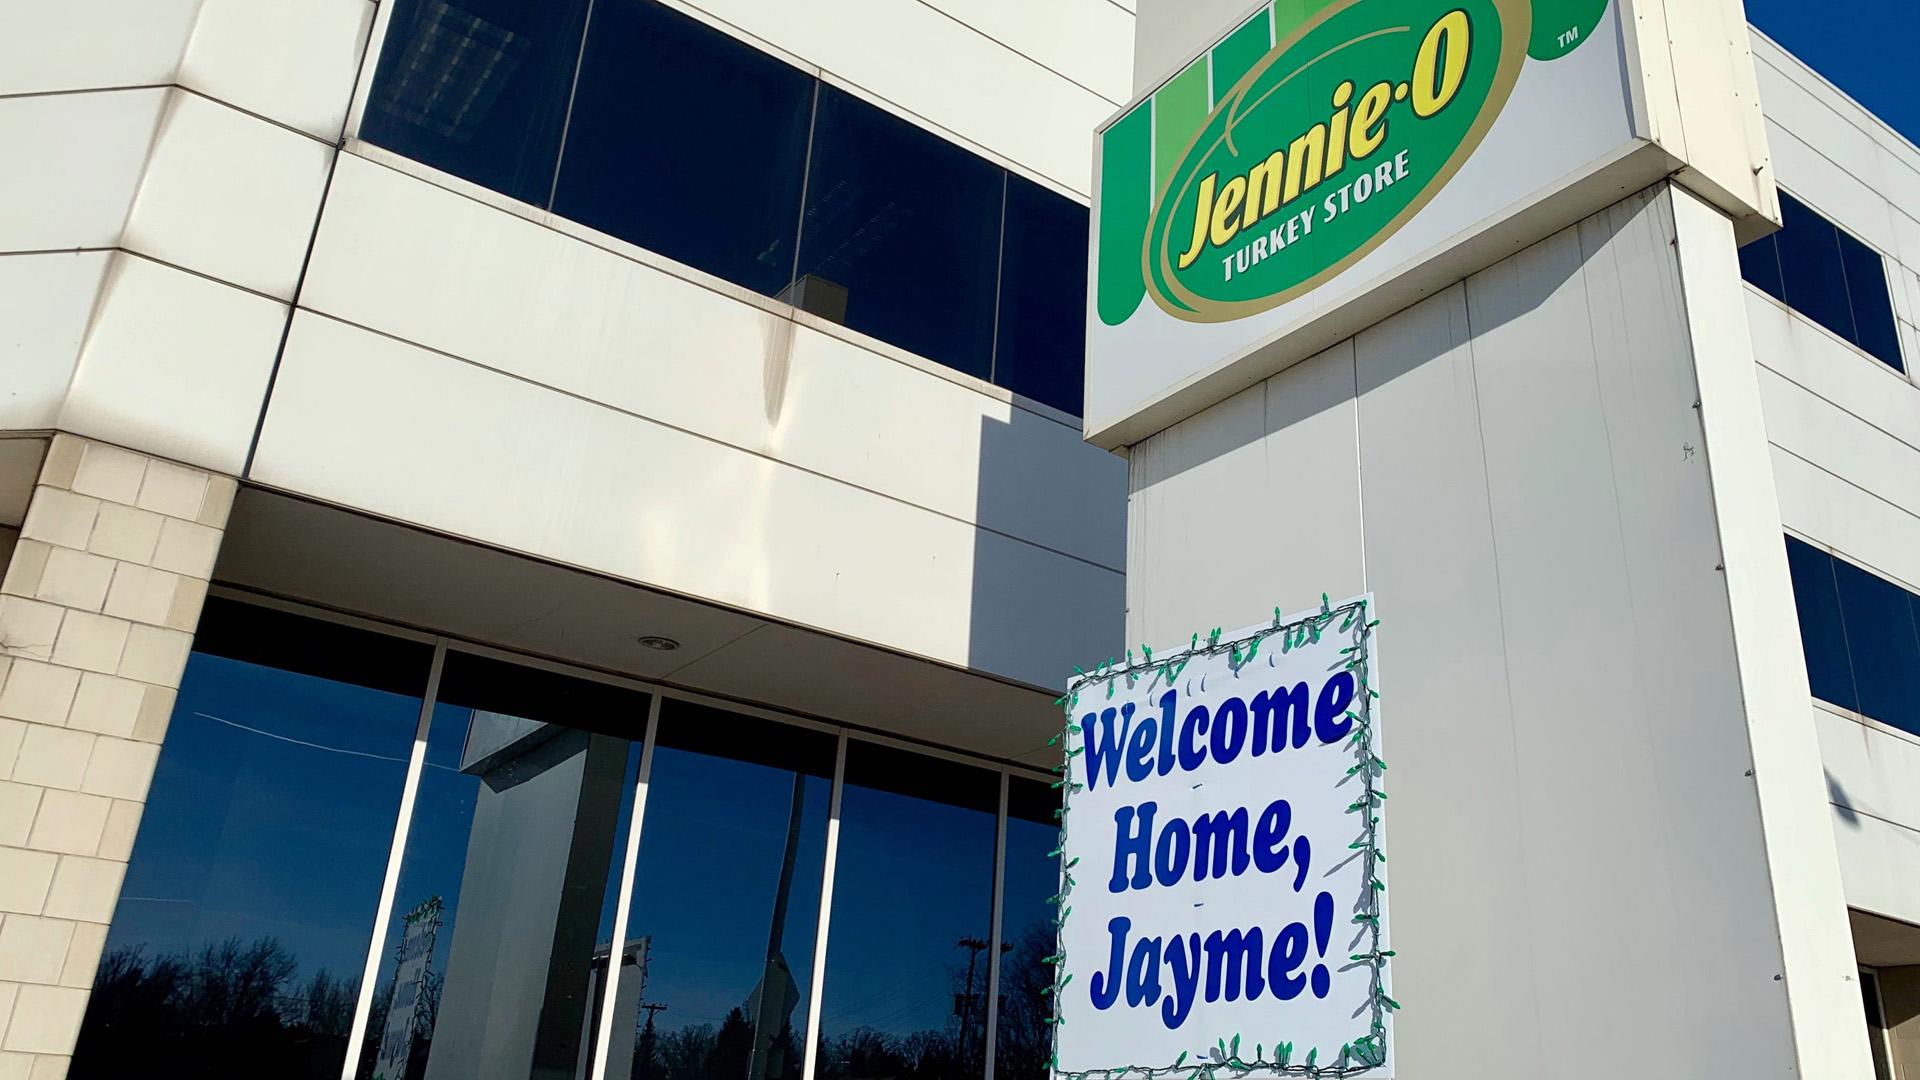 jayme closs jennie-o welcome home sign 011619 AP_1548293442070